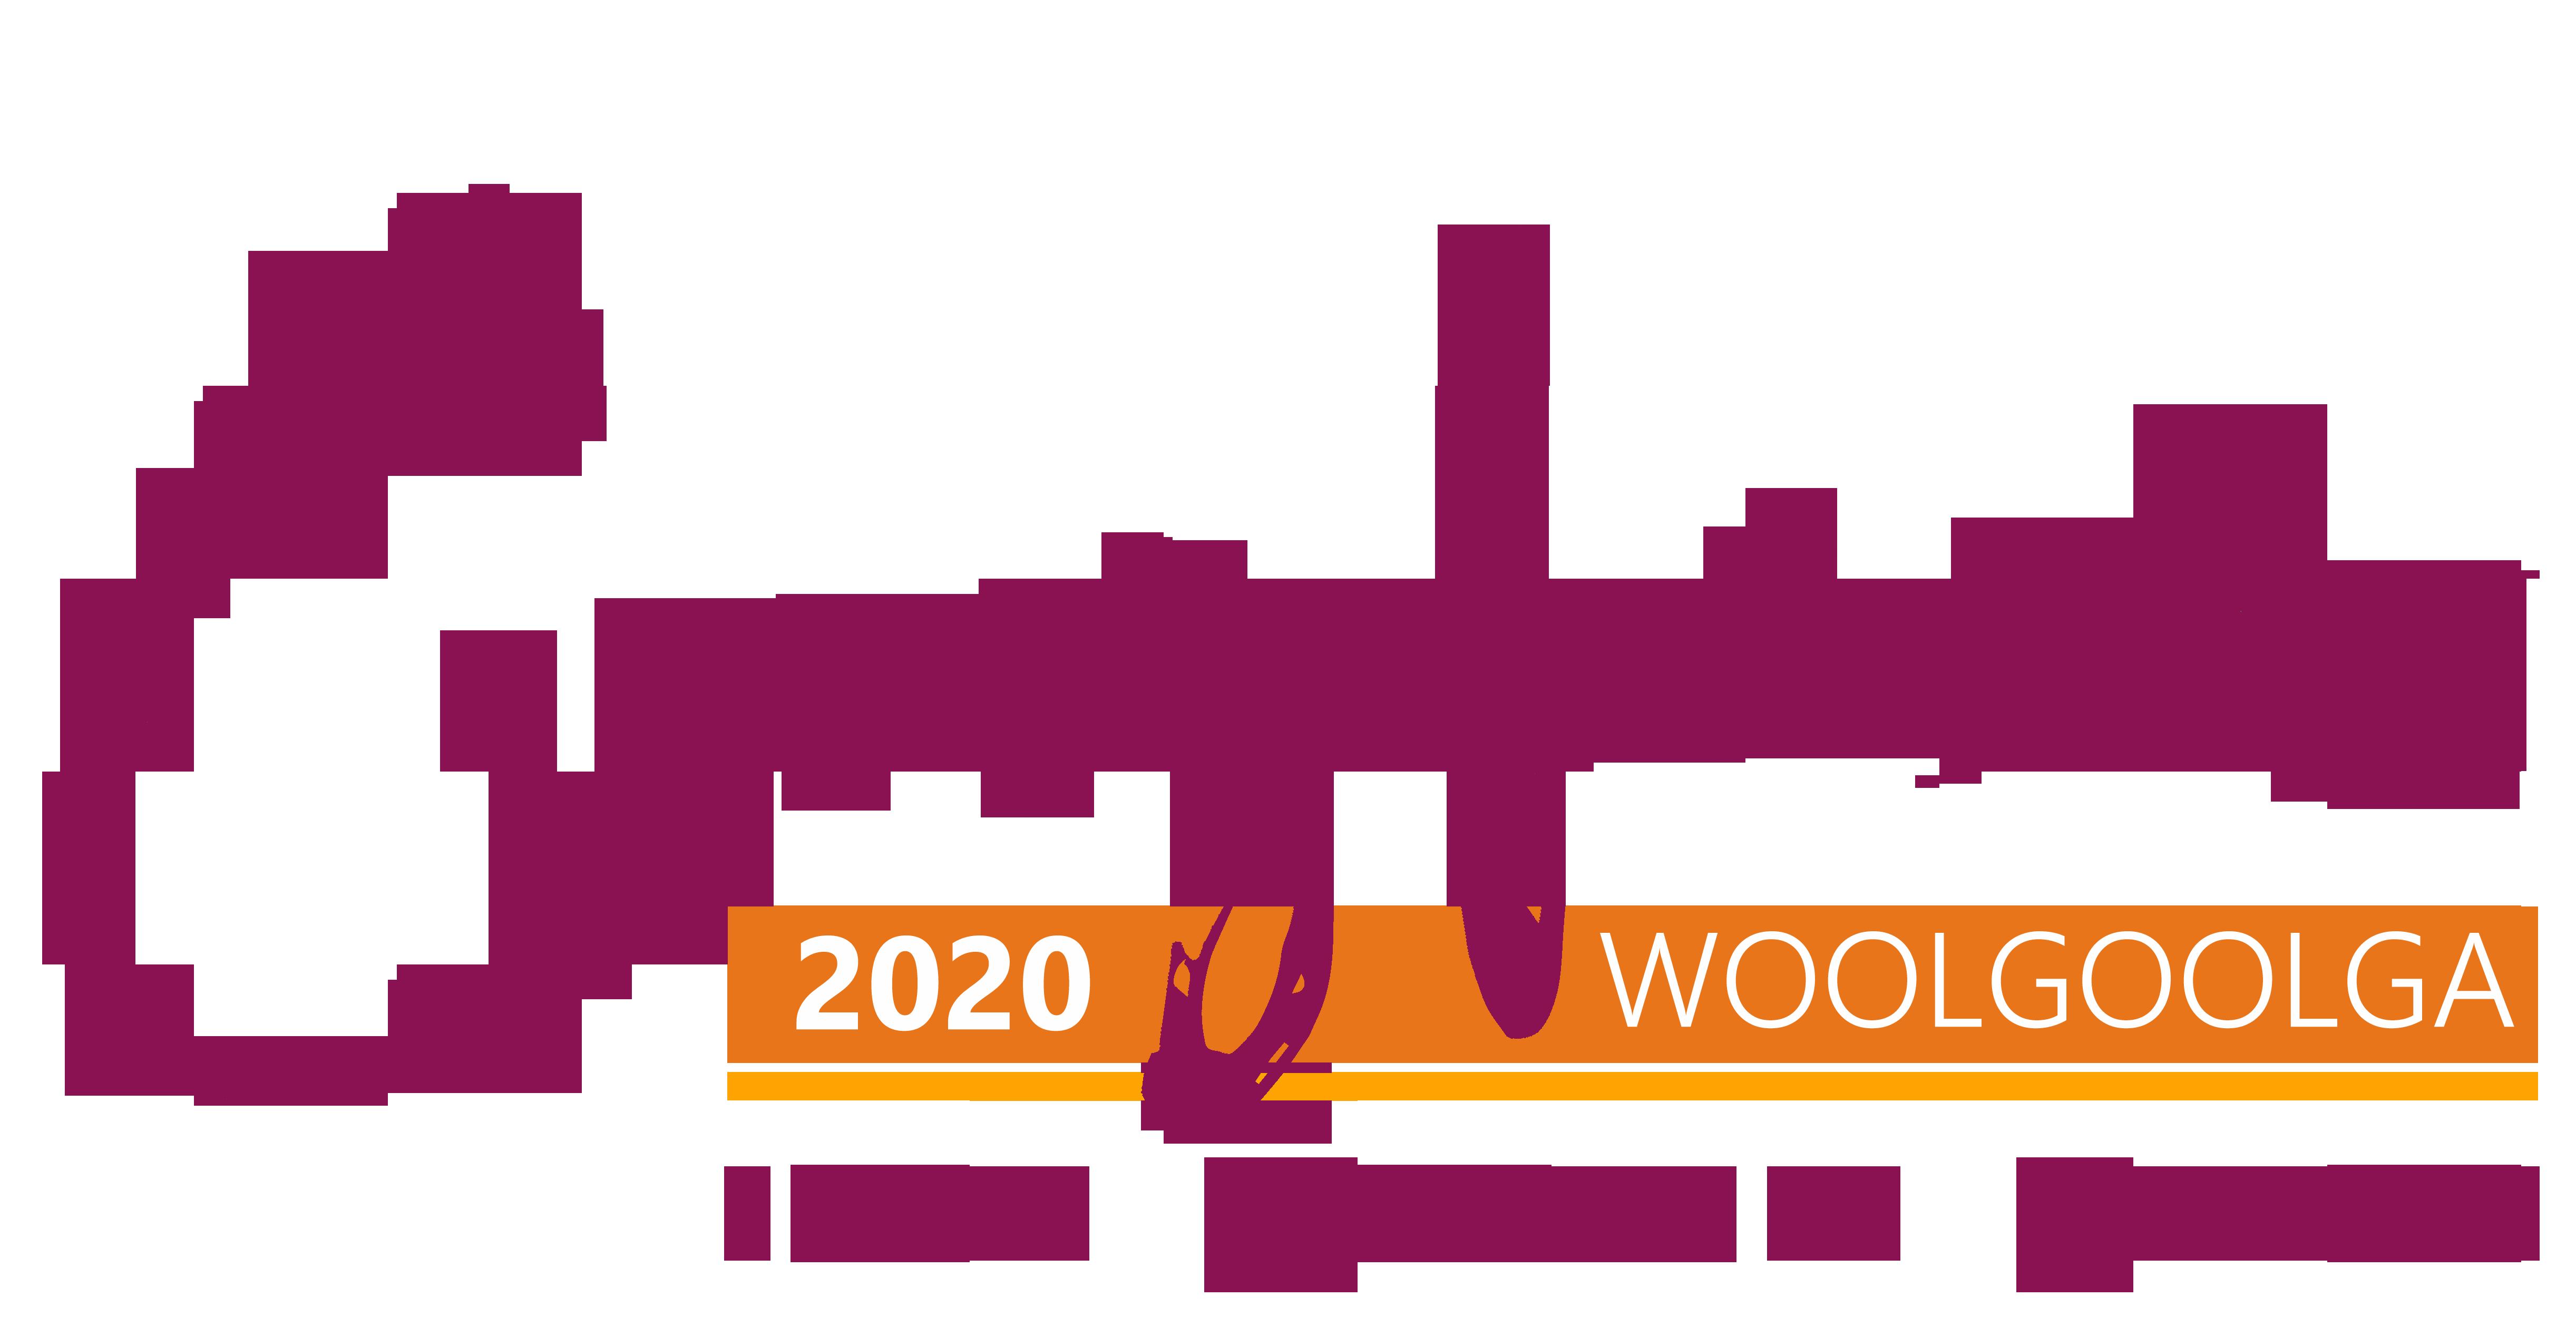 2020CurryfestLogoTag.png